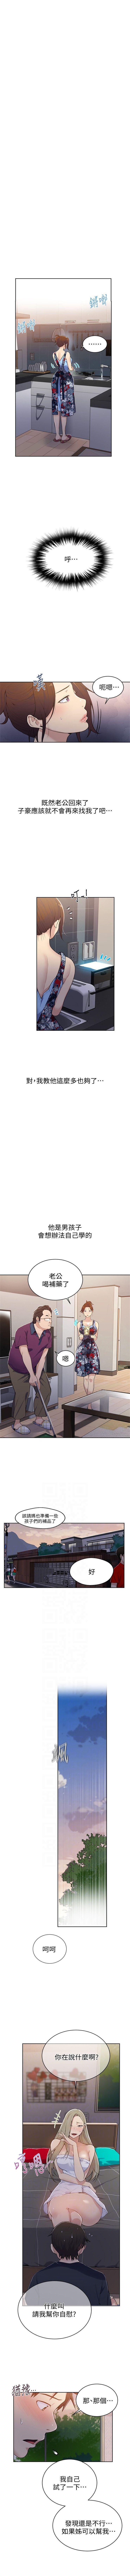 (週6)秘密教學  1-35 中文翻譯 (更新中) 58